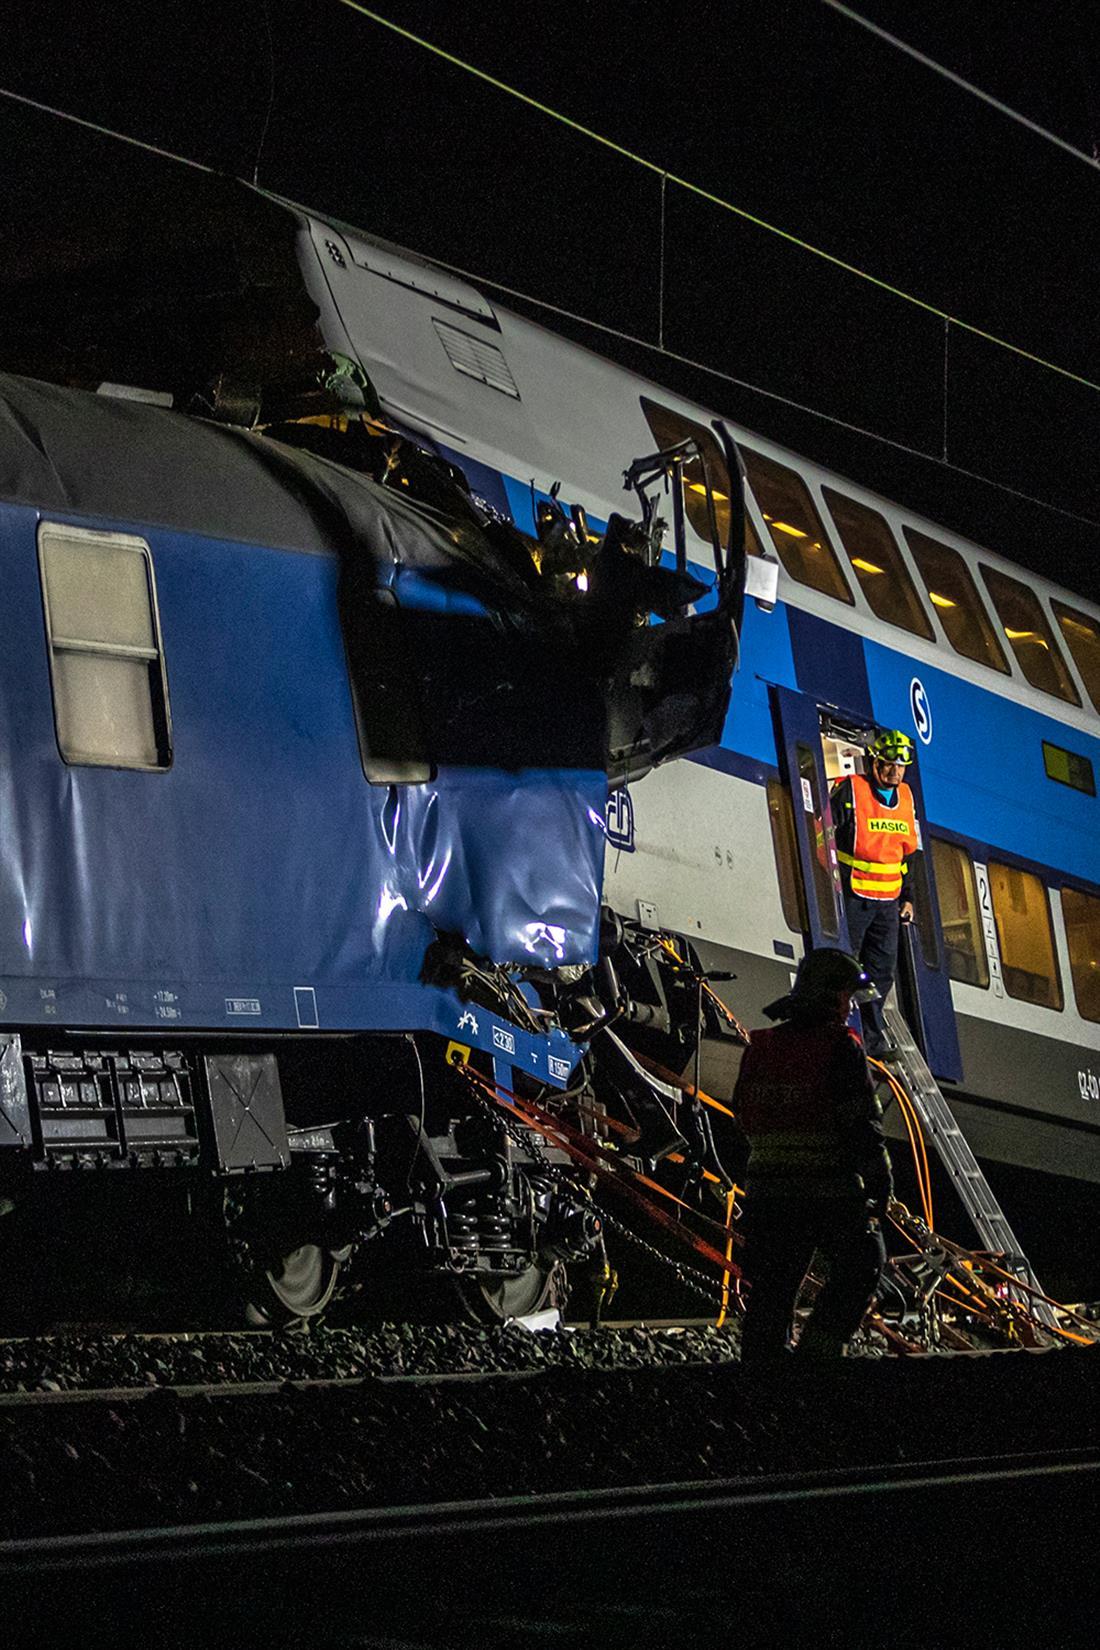 Τσεχία - σύγκρουση τρένου